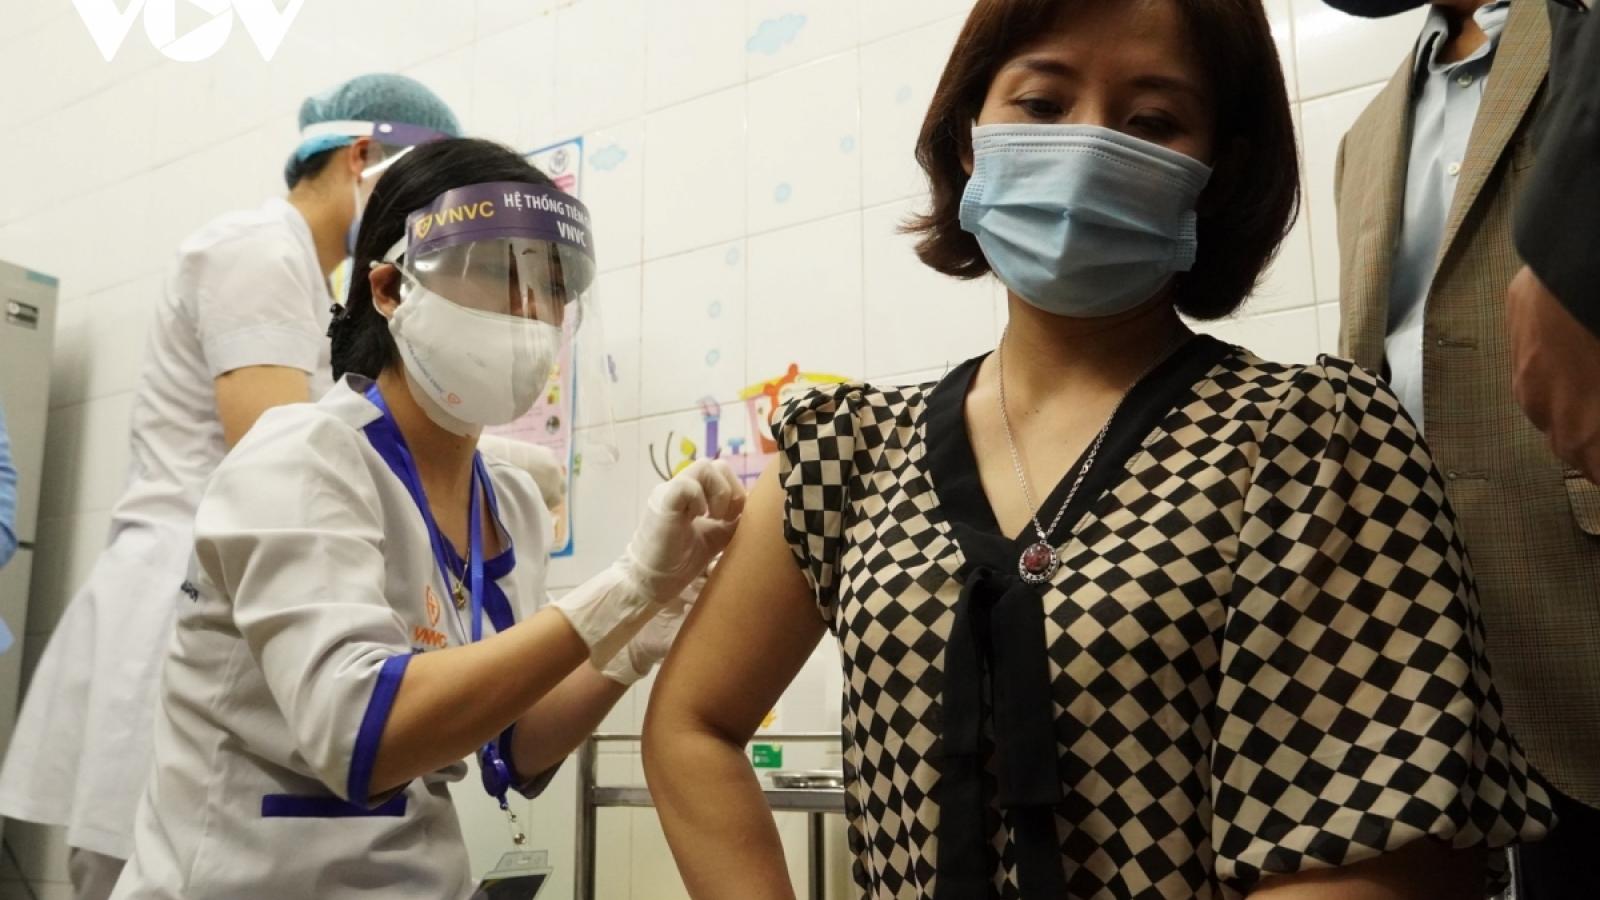 Ngày đầu tiêm vaccine COVID-19 diễn ra an toàn, chưa ghi nhận phản ứng